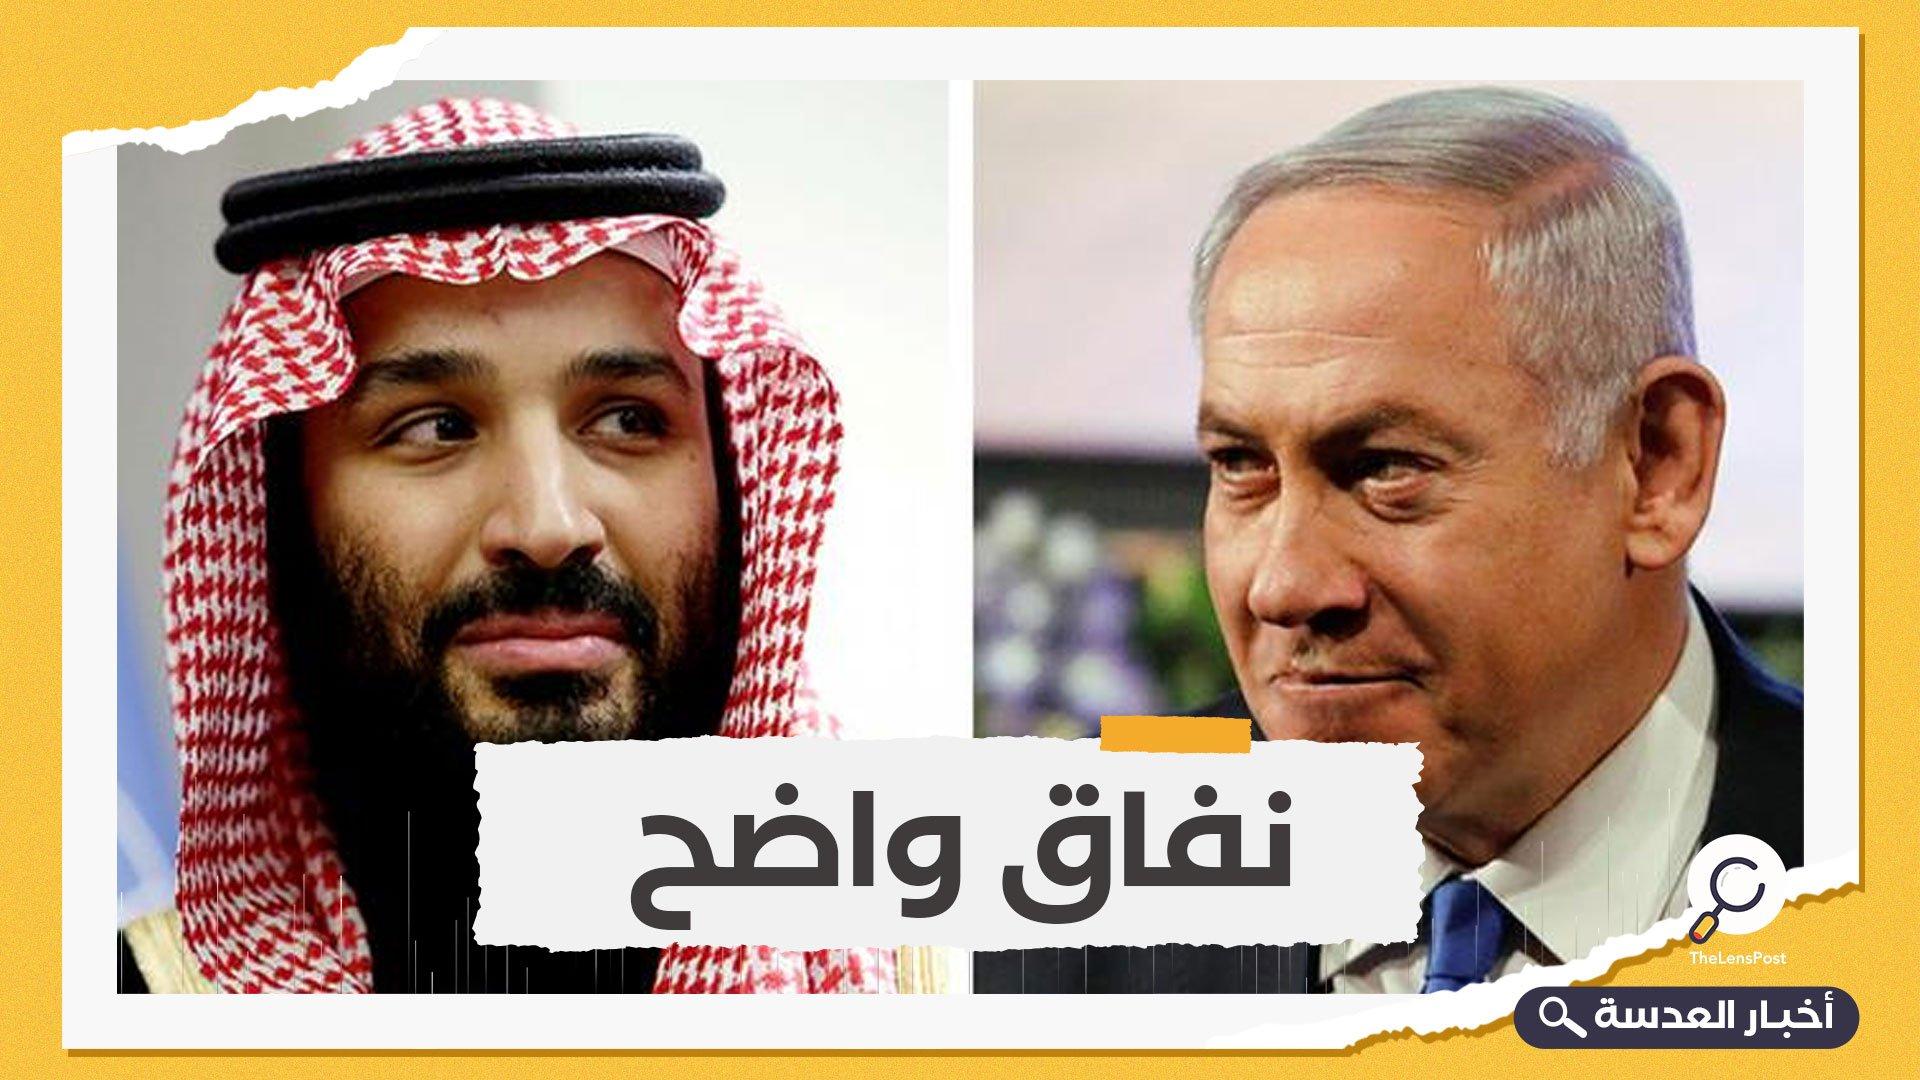 رغم احتضانها للصهاينة.. السعودية تؤكد على رفضها للتطبيع مع الاحتلال!